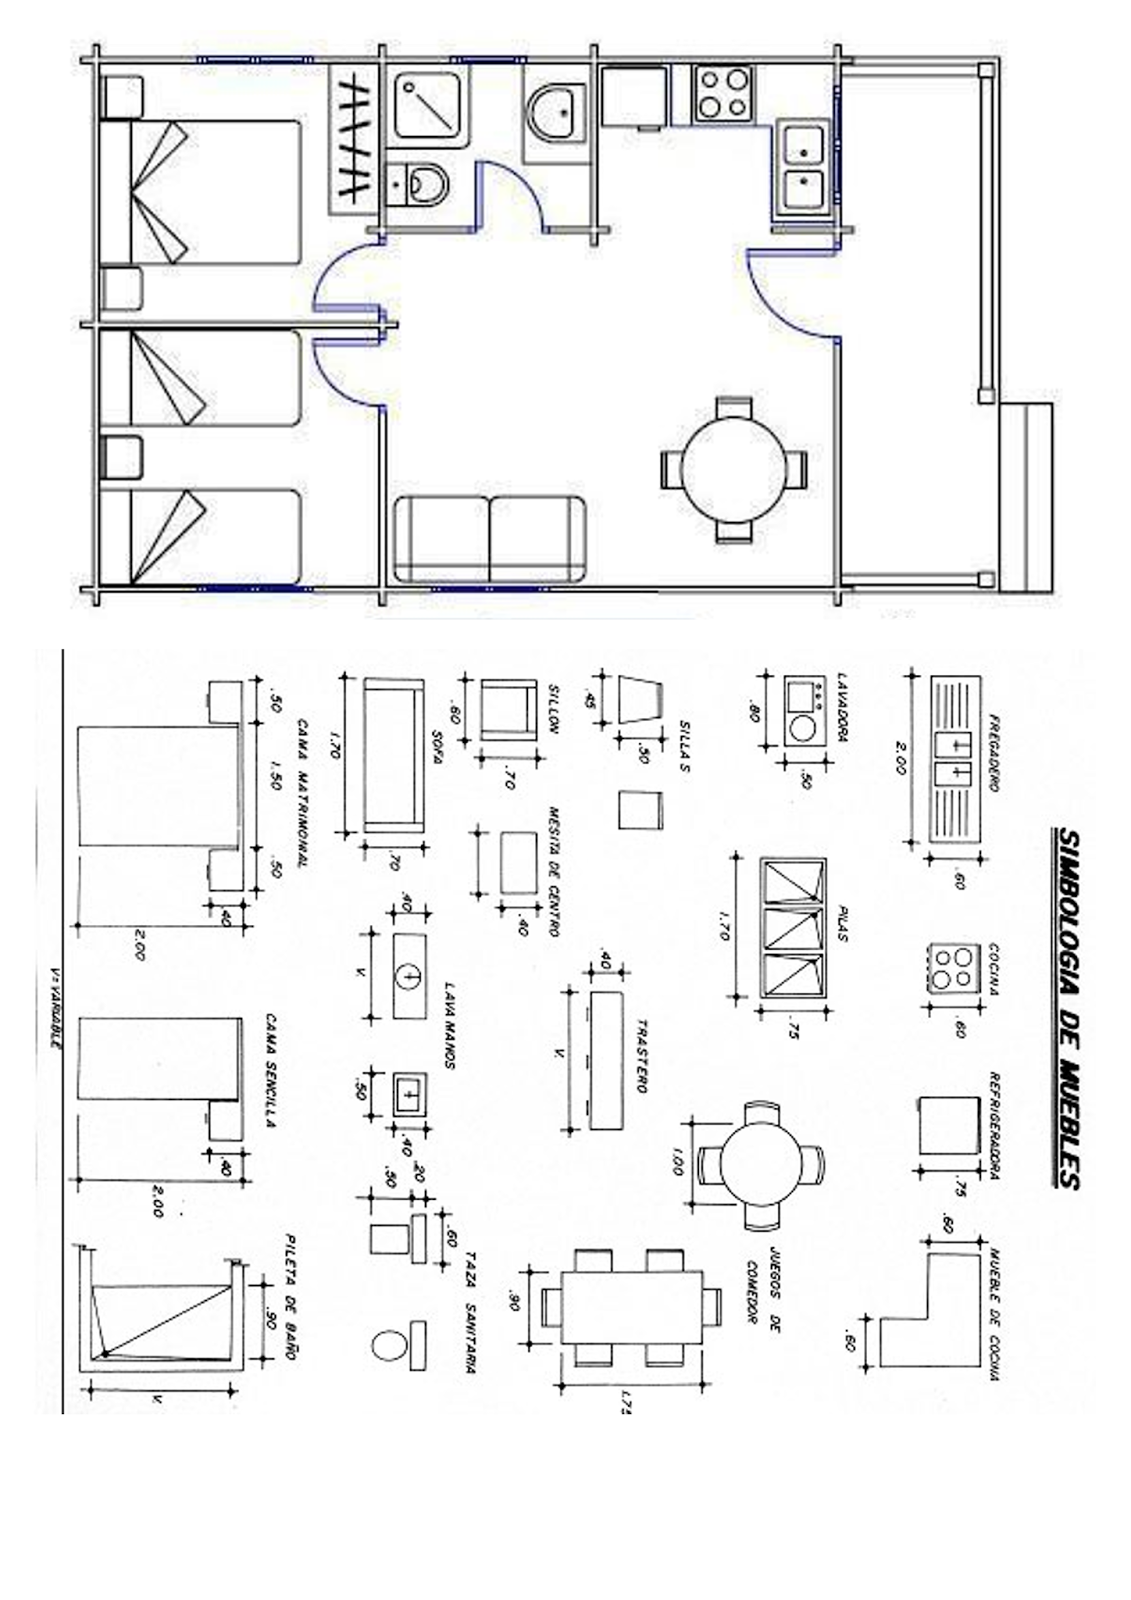 Tecnolog a y eso un ejercicio de acotaci n una ayuda for Simbologia de muebles para planos